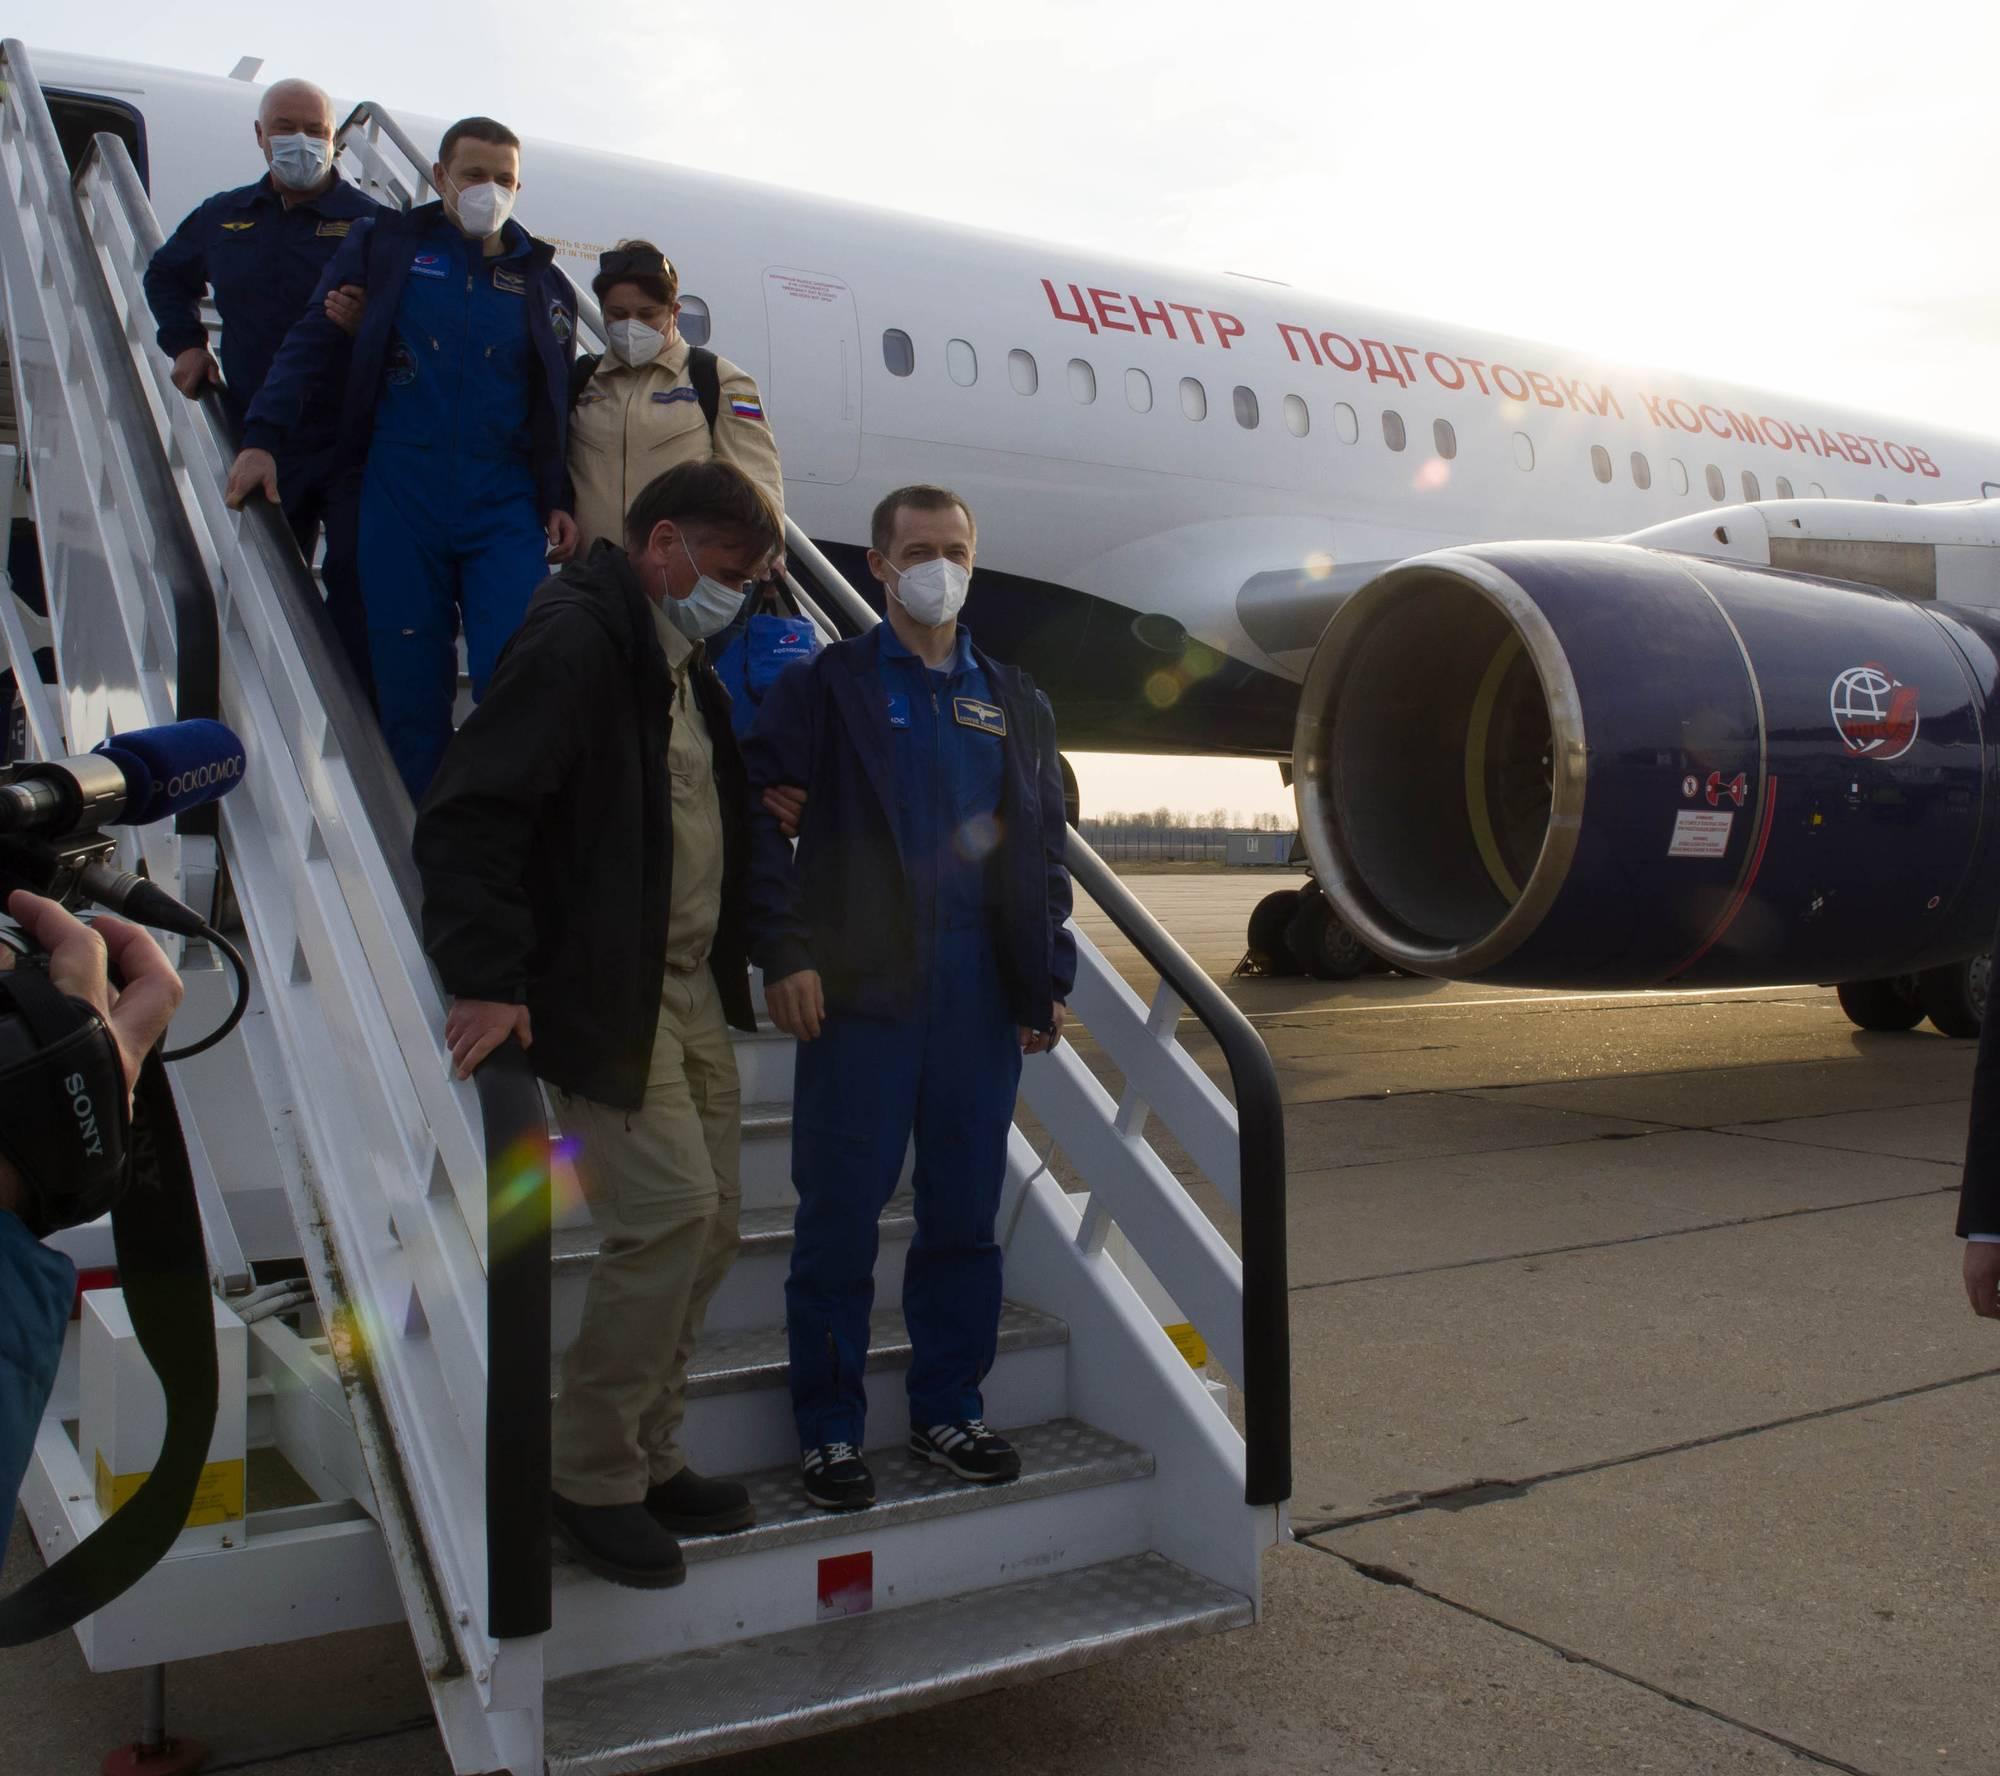 Le retour des cosmonautes russes de Soyouz MS-17 à l'aéroport Chkalovsky près de la Cité des étoiles.